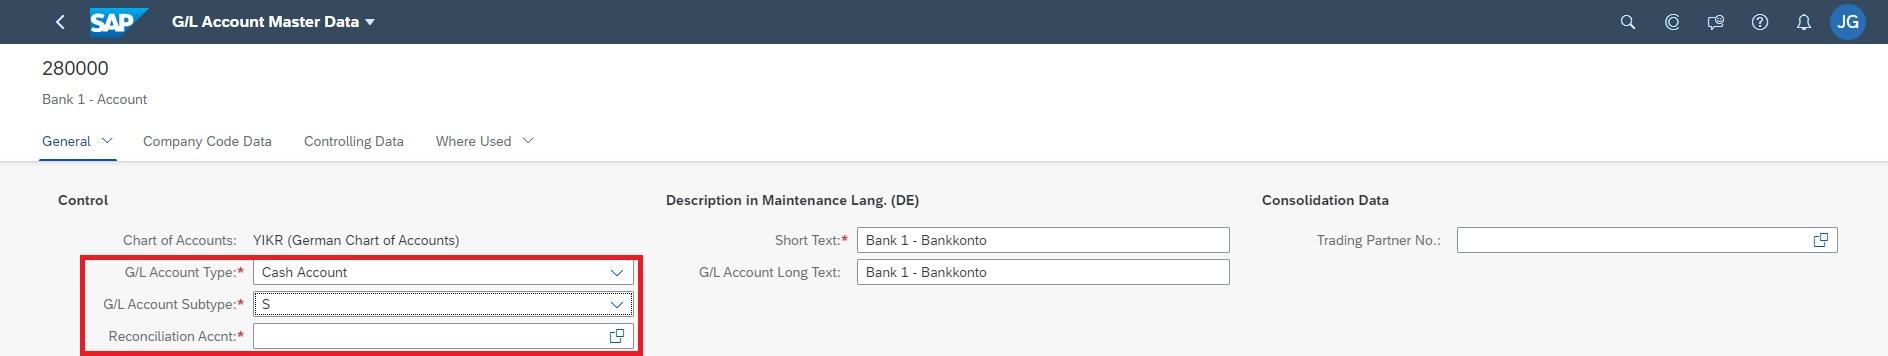 Bank%20Reconciliation%20Account